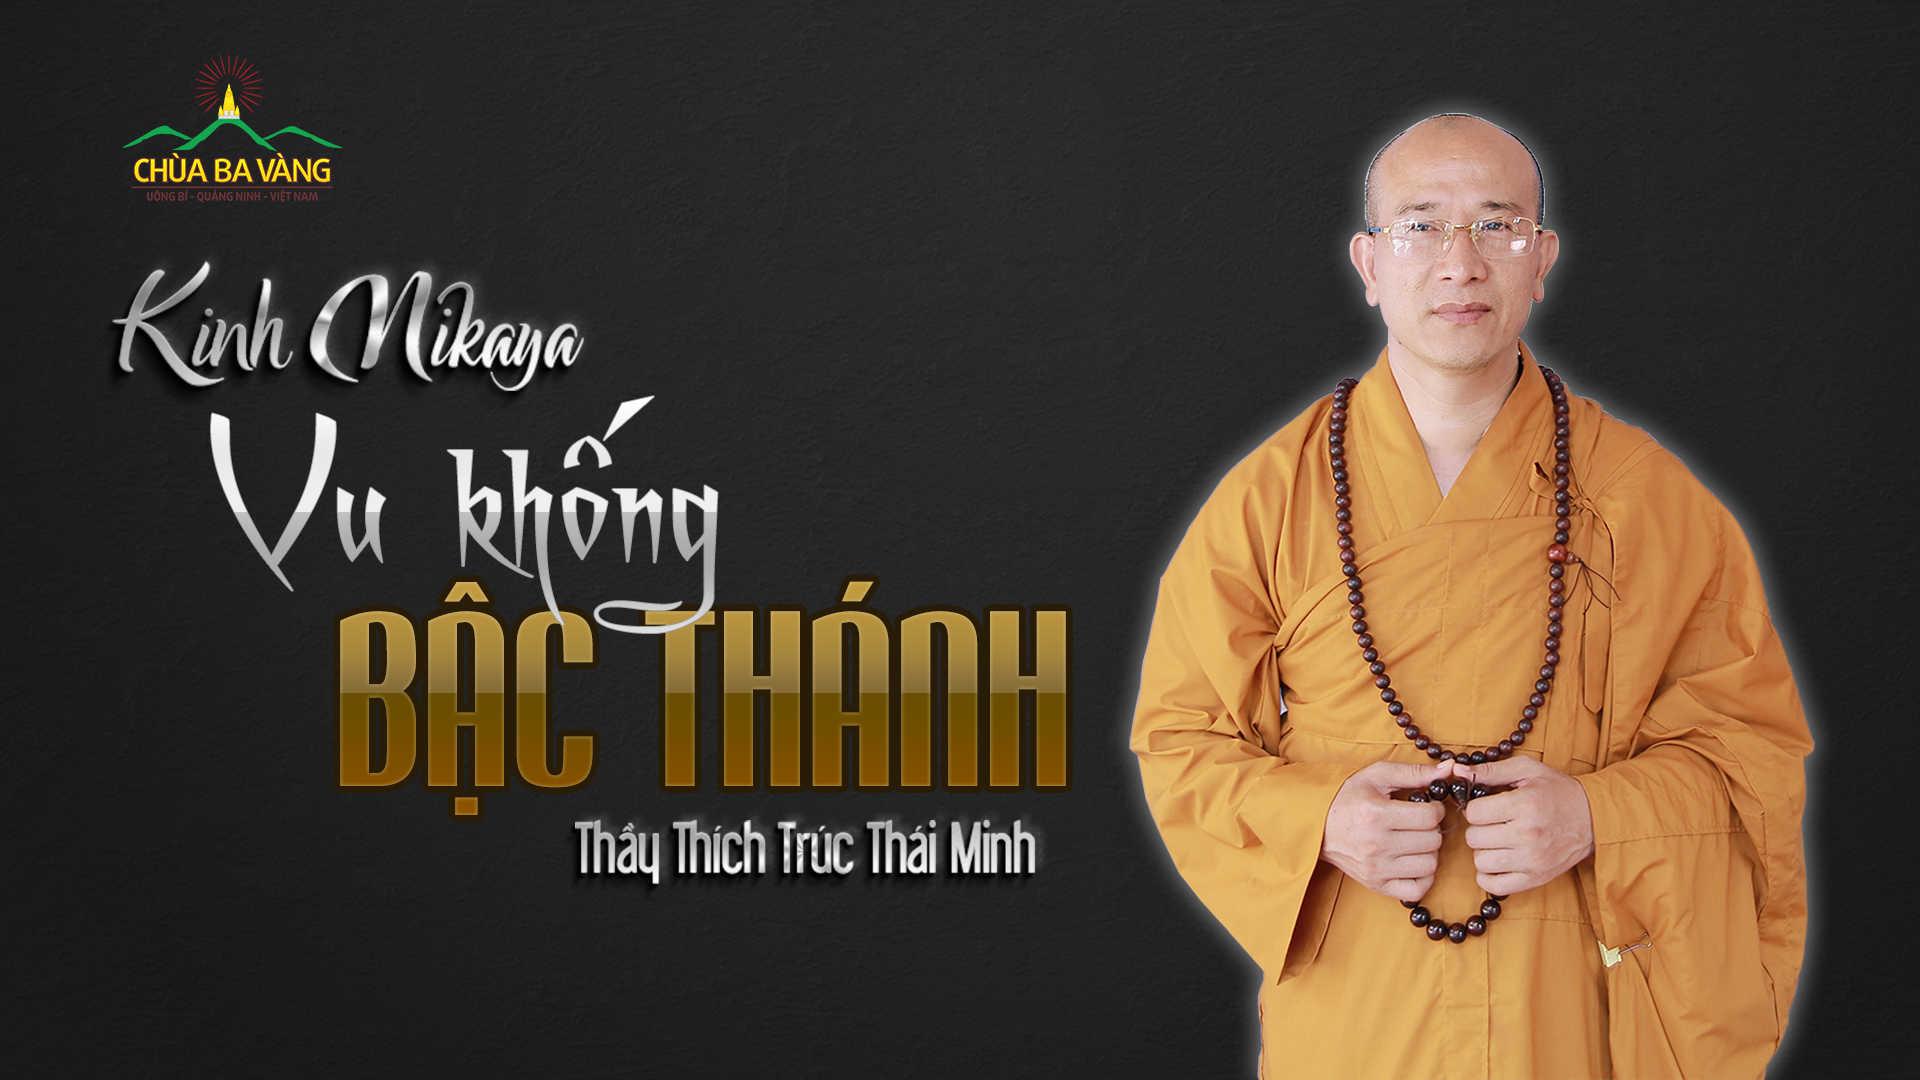 Vu khống bậc thánh Thầy Thích Trúc Thái Minh chùa Ba Vàng.